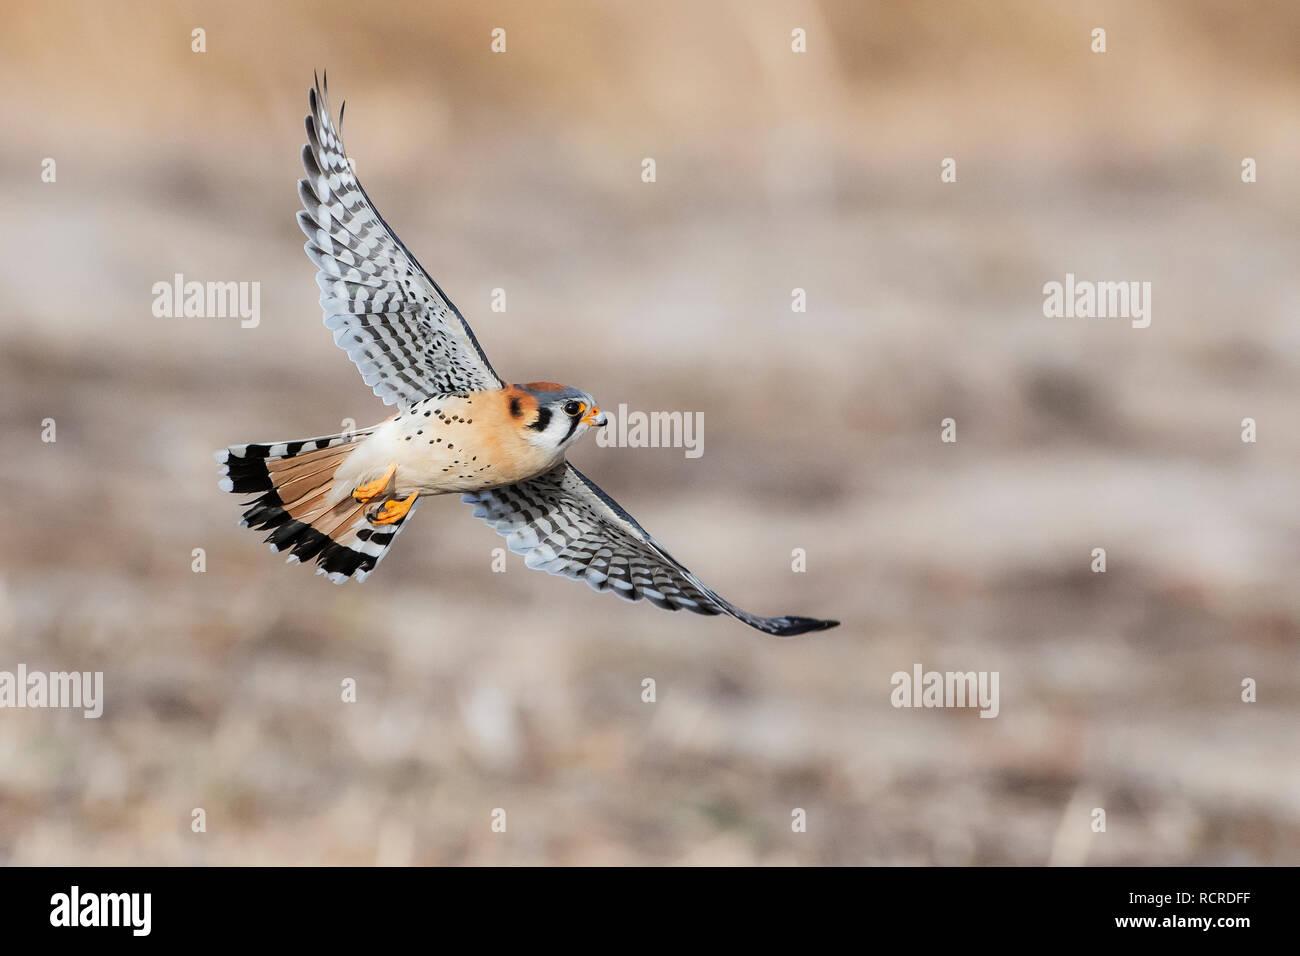 American kestrel flight - Stock Image